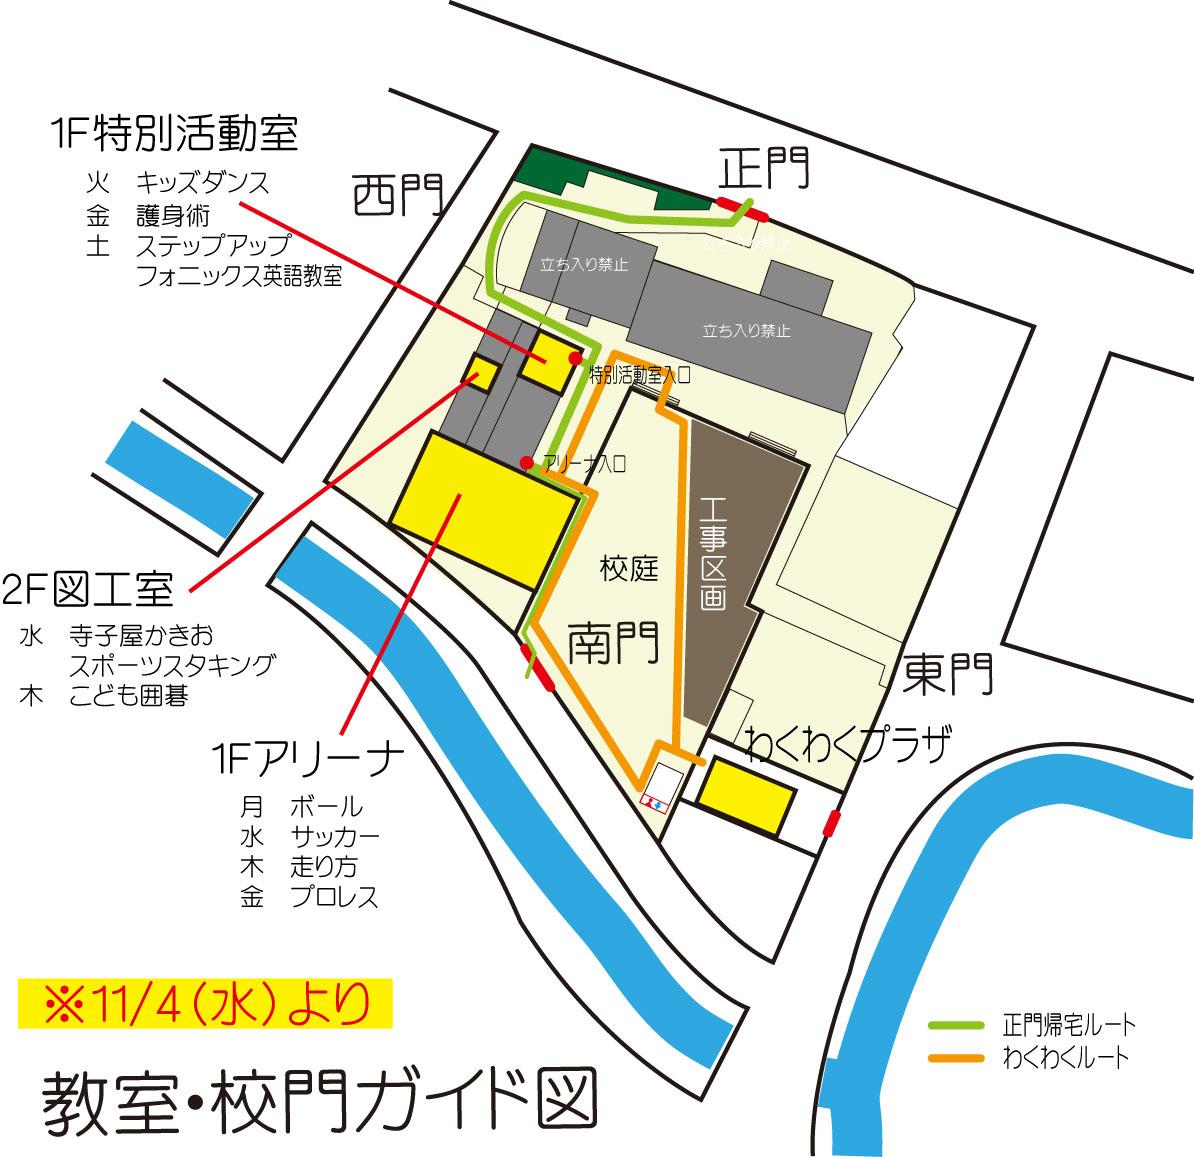 教室・校門ガイド図